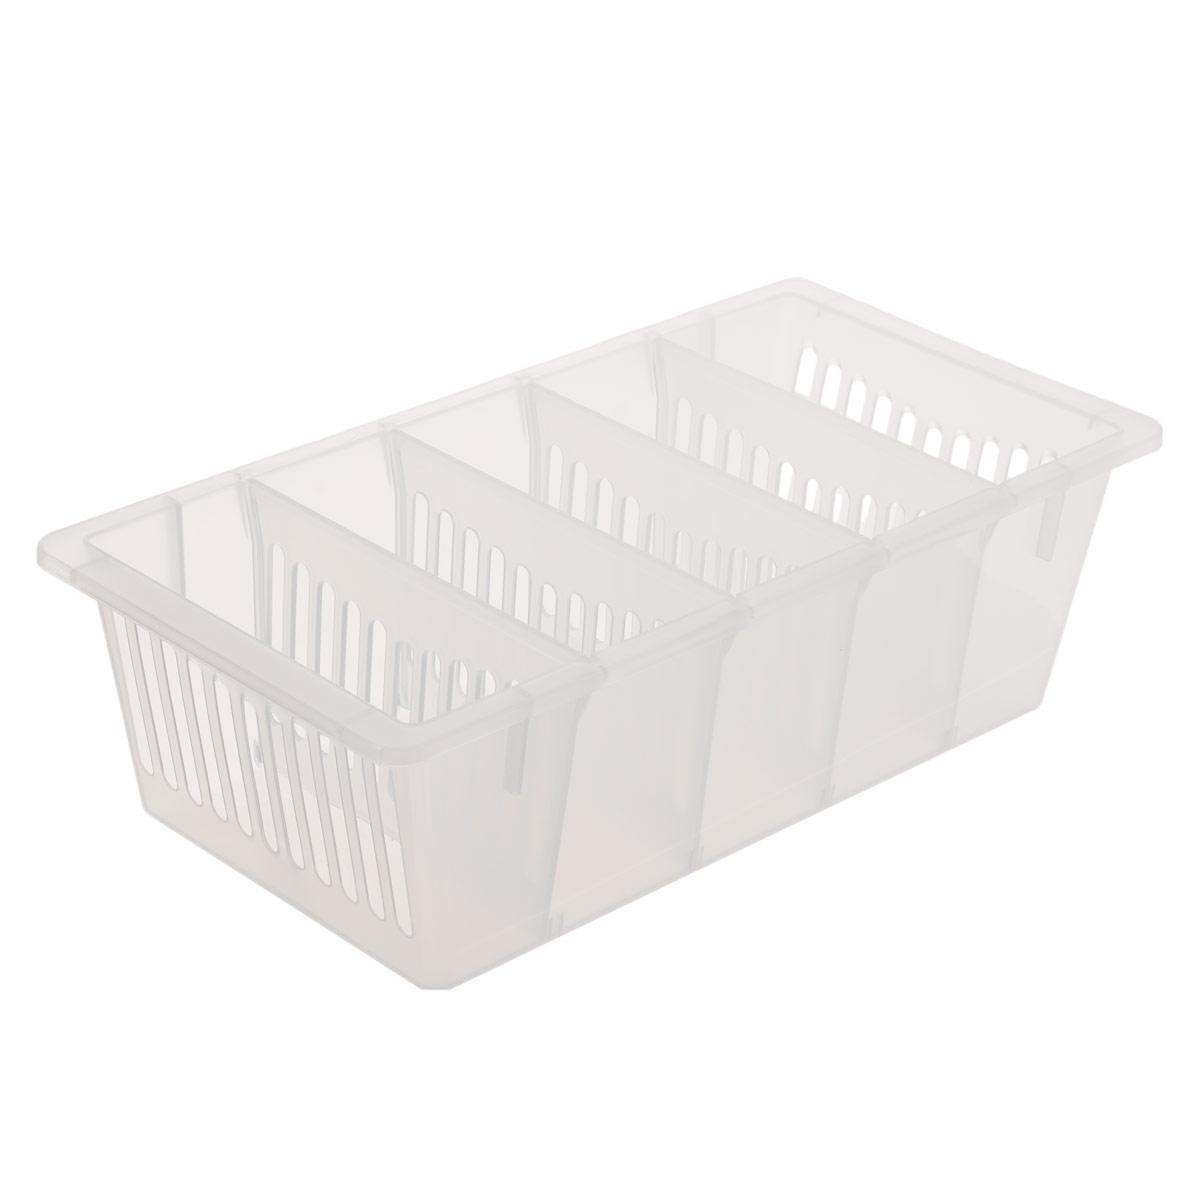 Контейнер для специй Полимербыт, цвет: прозрачный, 28,5 см х 14 см х 8,5 смС368Контейнер для специй Полимербыт, изготовленный из высококачественного прочного пластика, оснащен переставными перегородками. Стенки контейнера снабжены высокими бортиками. Контейнер с пятью отделениями внутри идеально подходит для хранения различных специй в пакетиках. Практичный контейнер пригодится в любом хозяйстве и поможет аккуратно хранить все приправы. Размер отделения: 12,5 см х 5 см х 8,5 см.